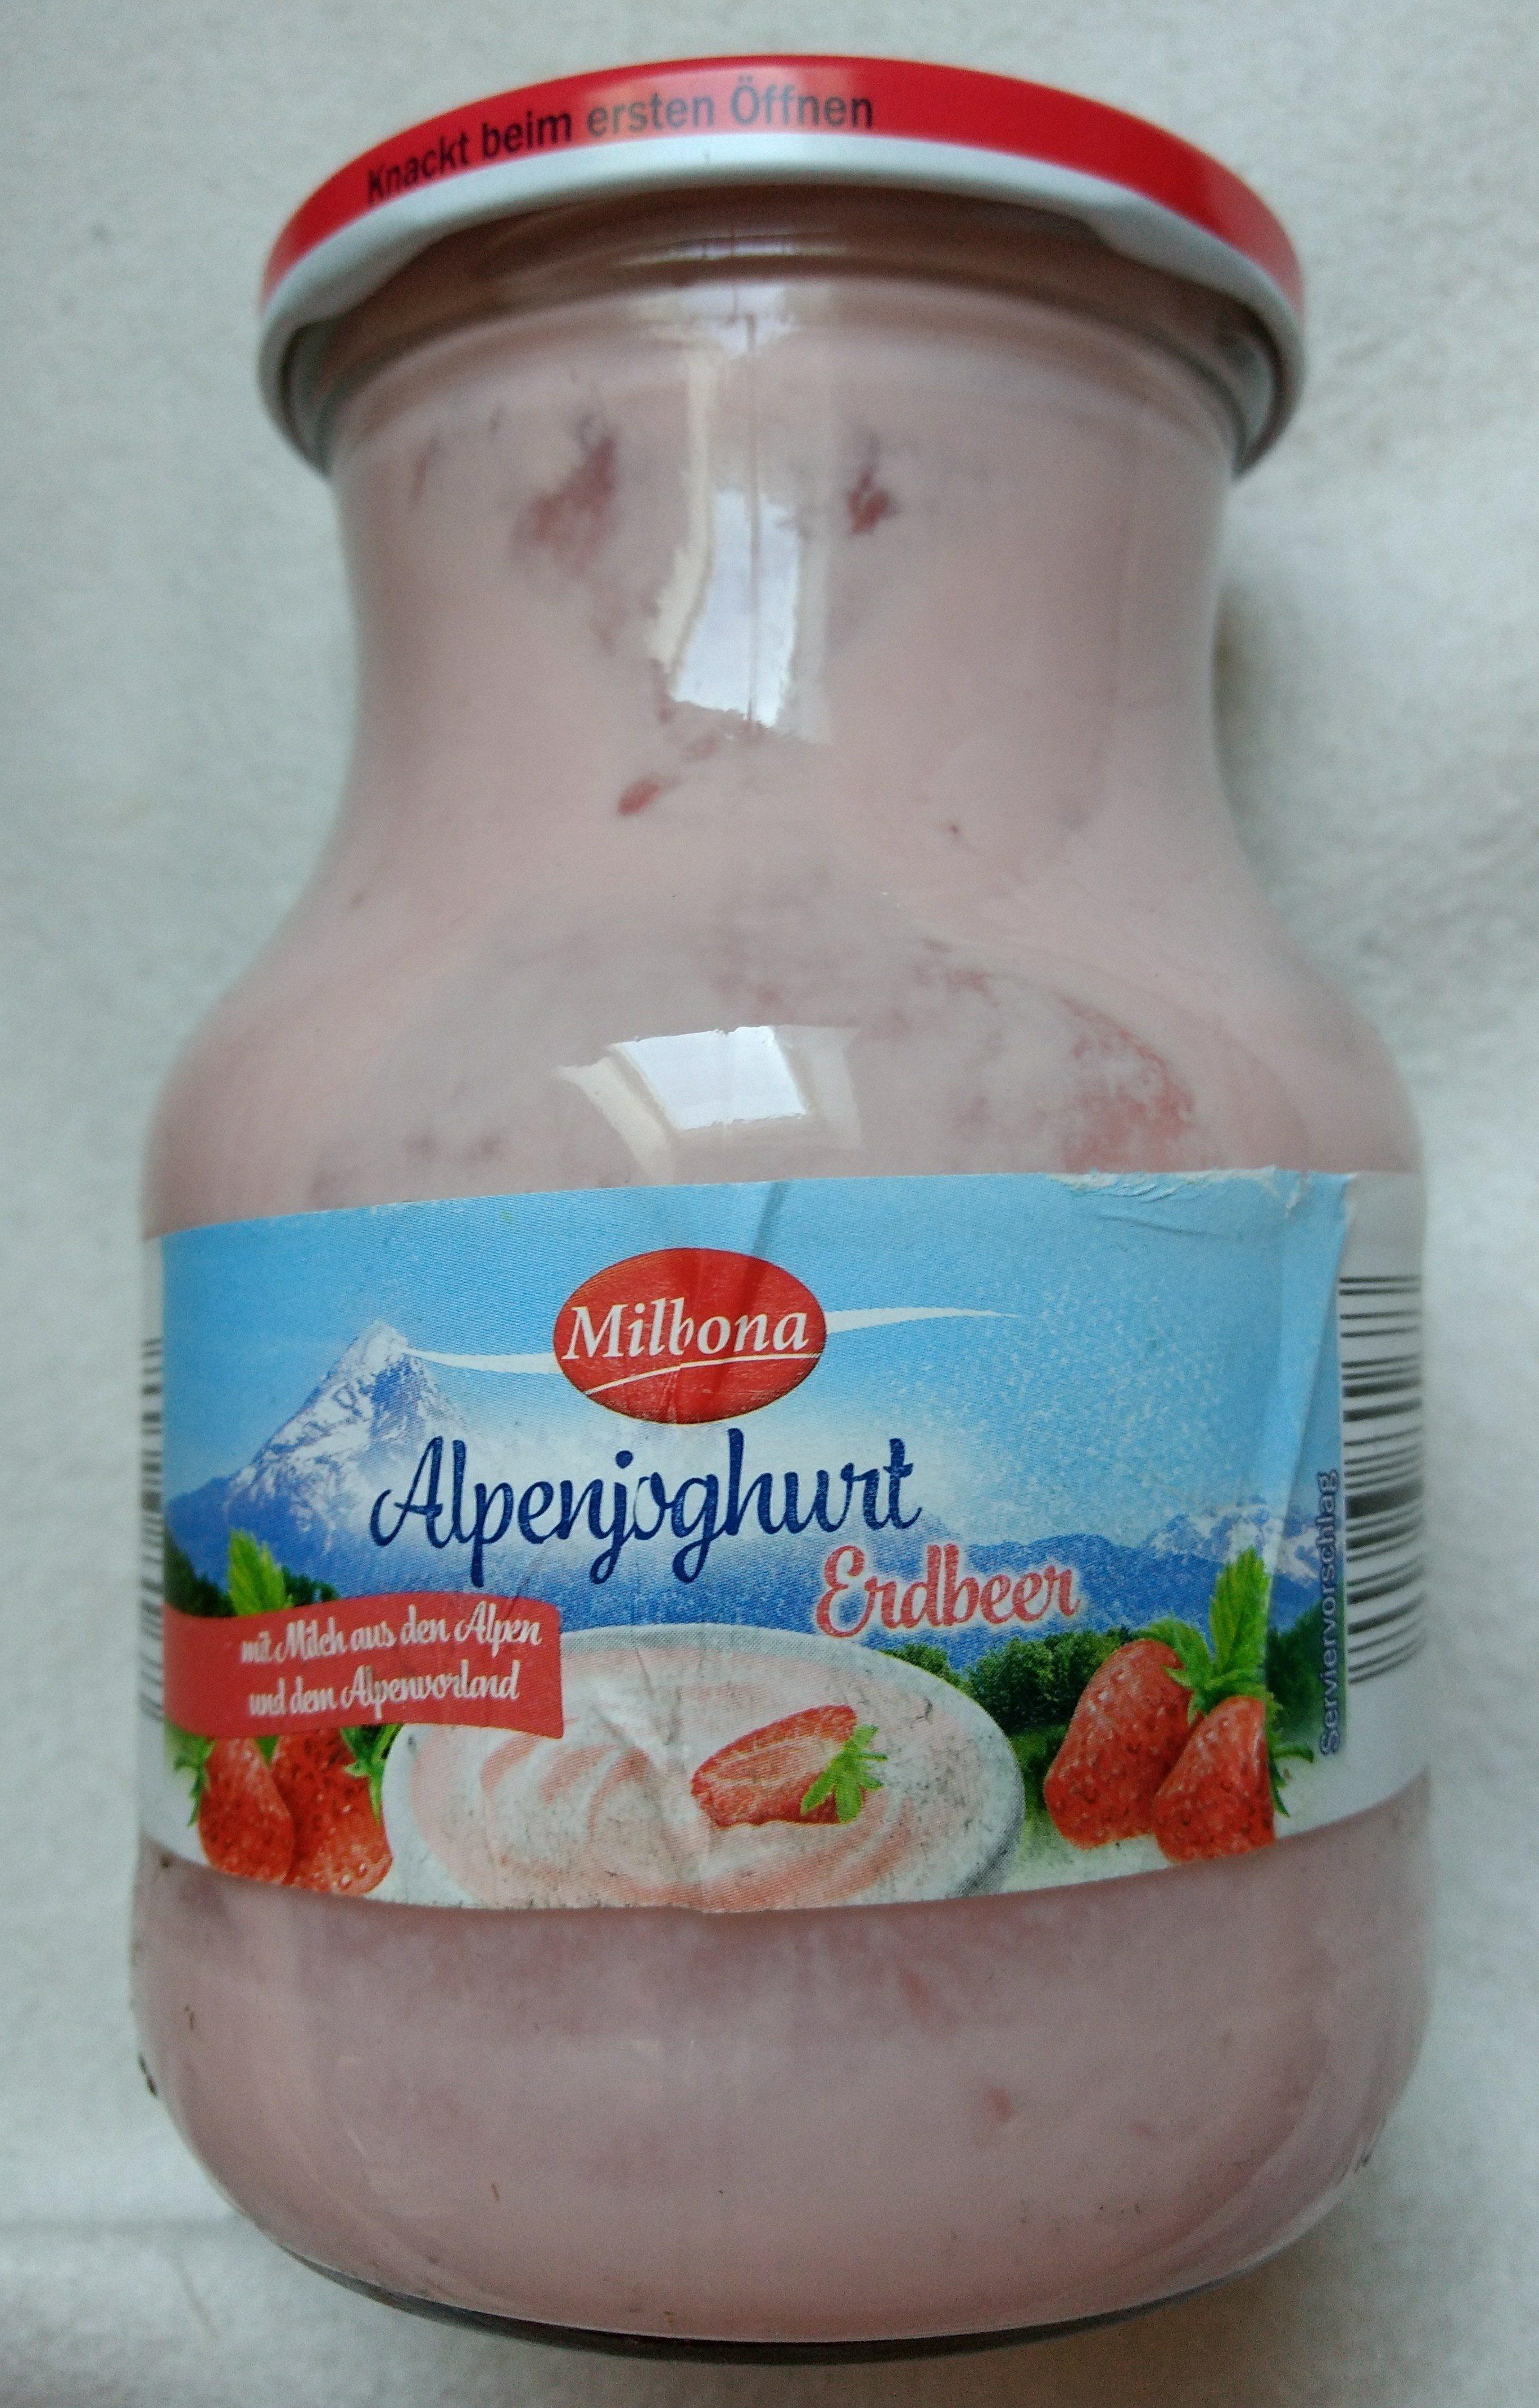 Alpenjoghurt Erdbeer - Produkt